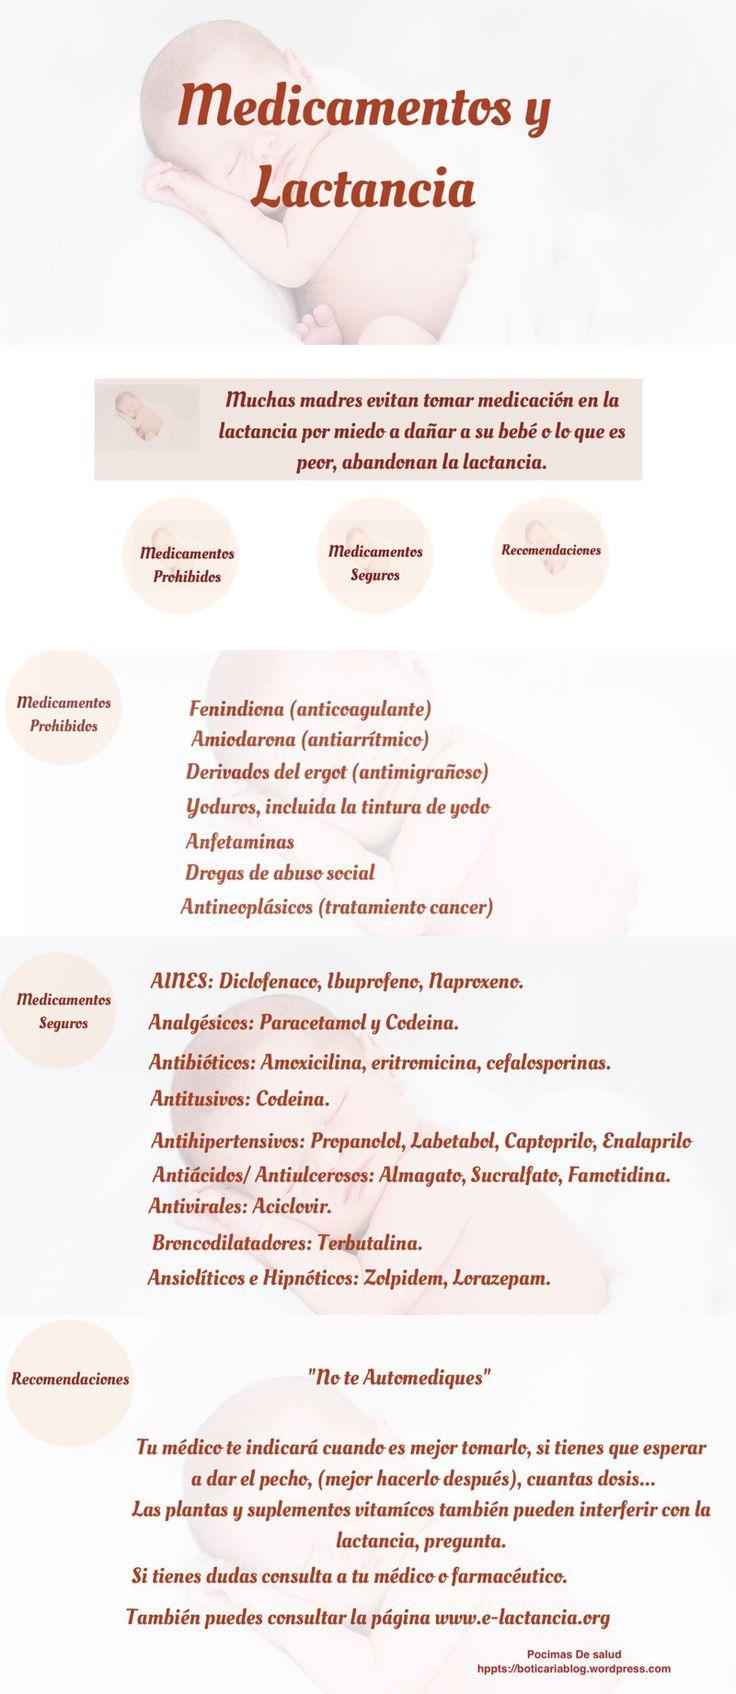 Lactancia y Medicamentos | Pócimas de Salud